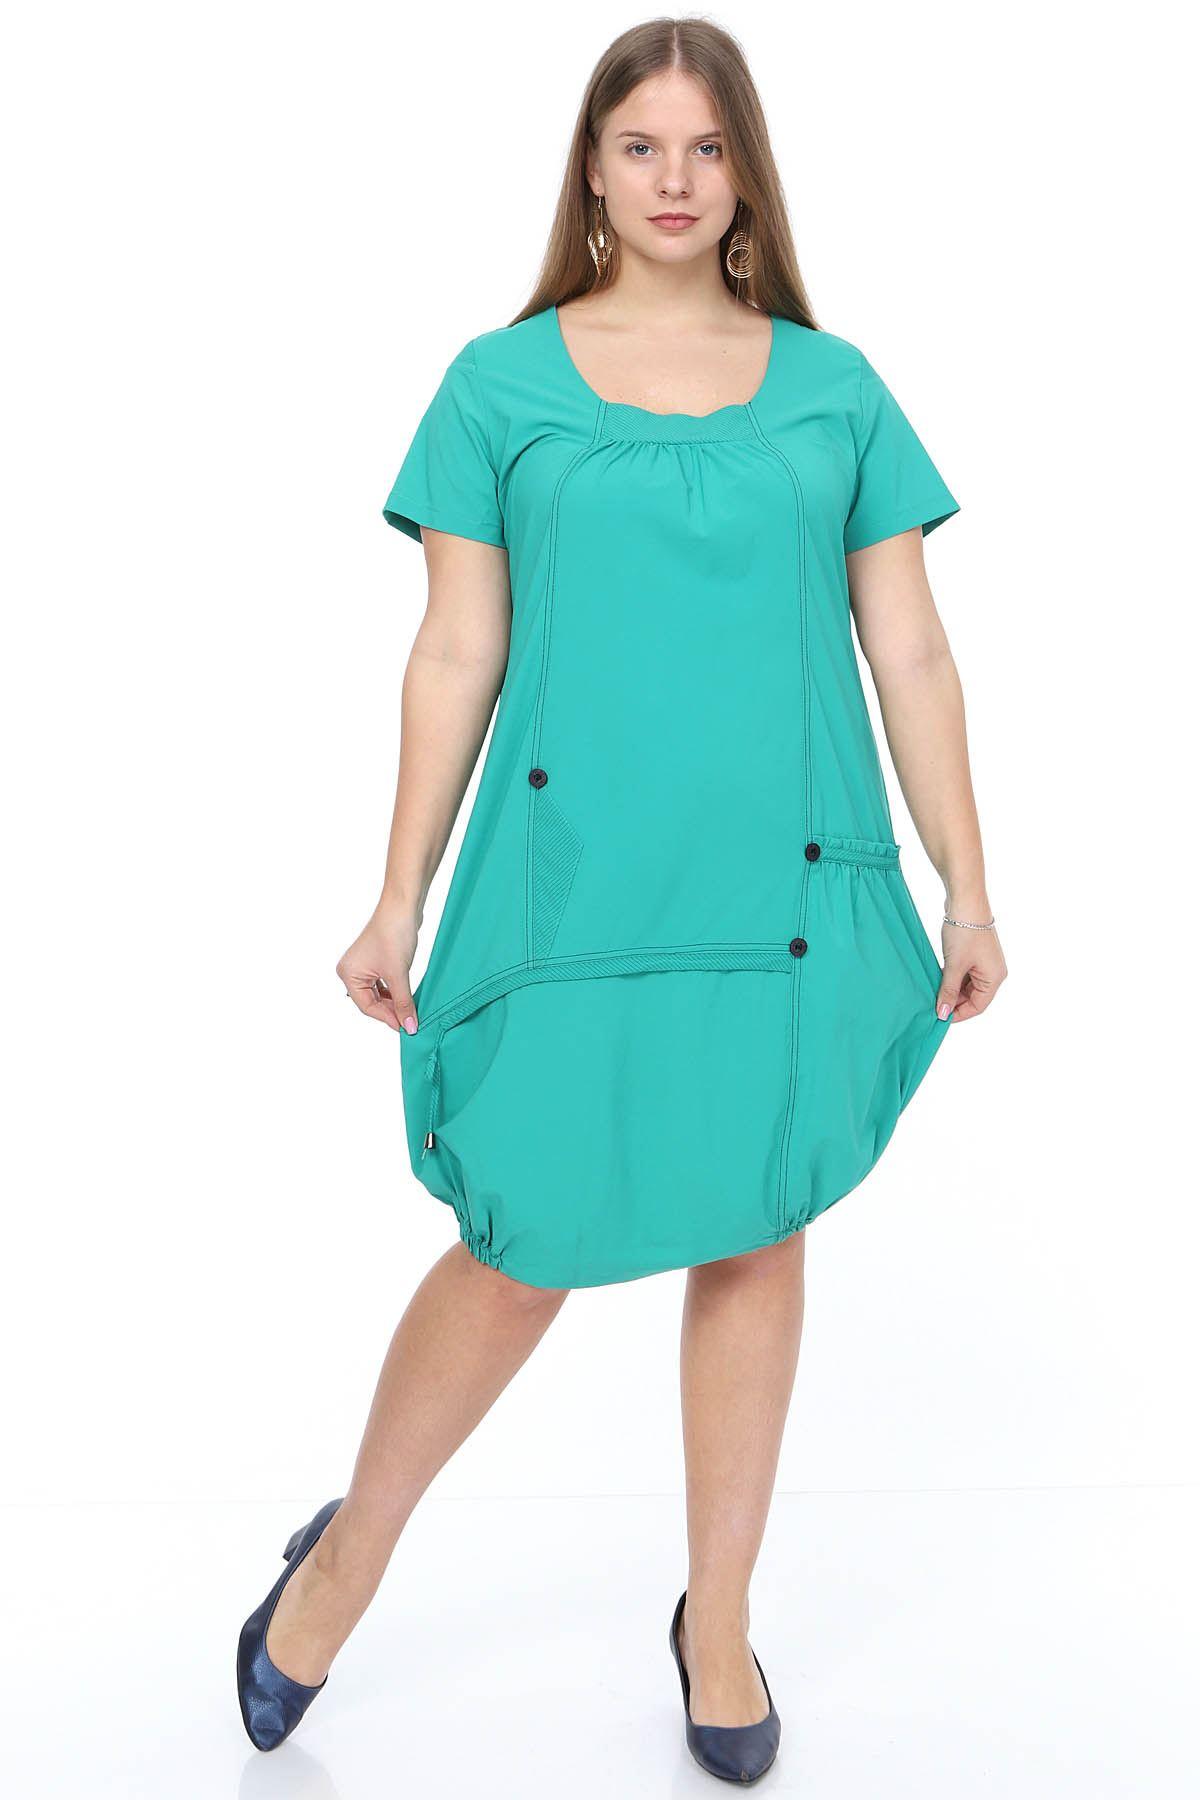 Yazlık Yeşil Büyük Beden Elbise 18A-0922